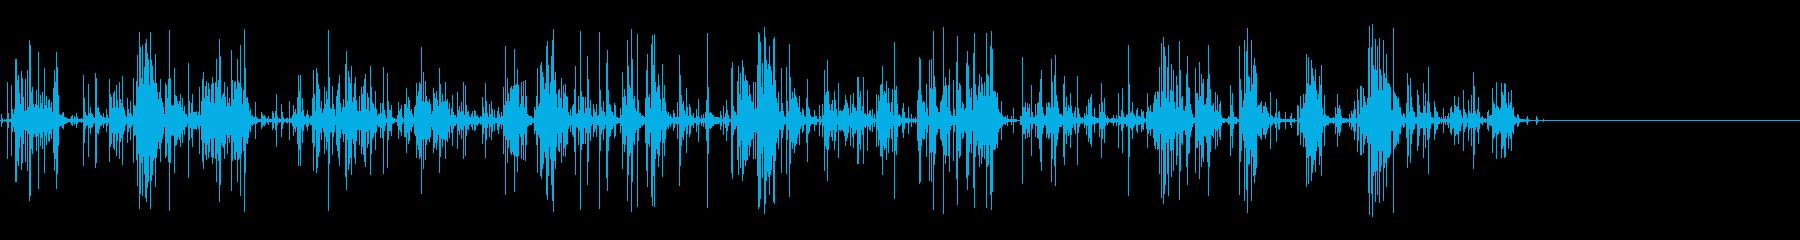 [生音]ビー玉をカチャカチャする02の再生済みの波形